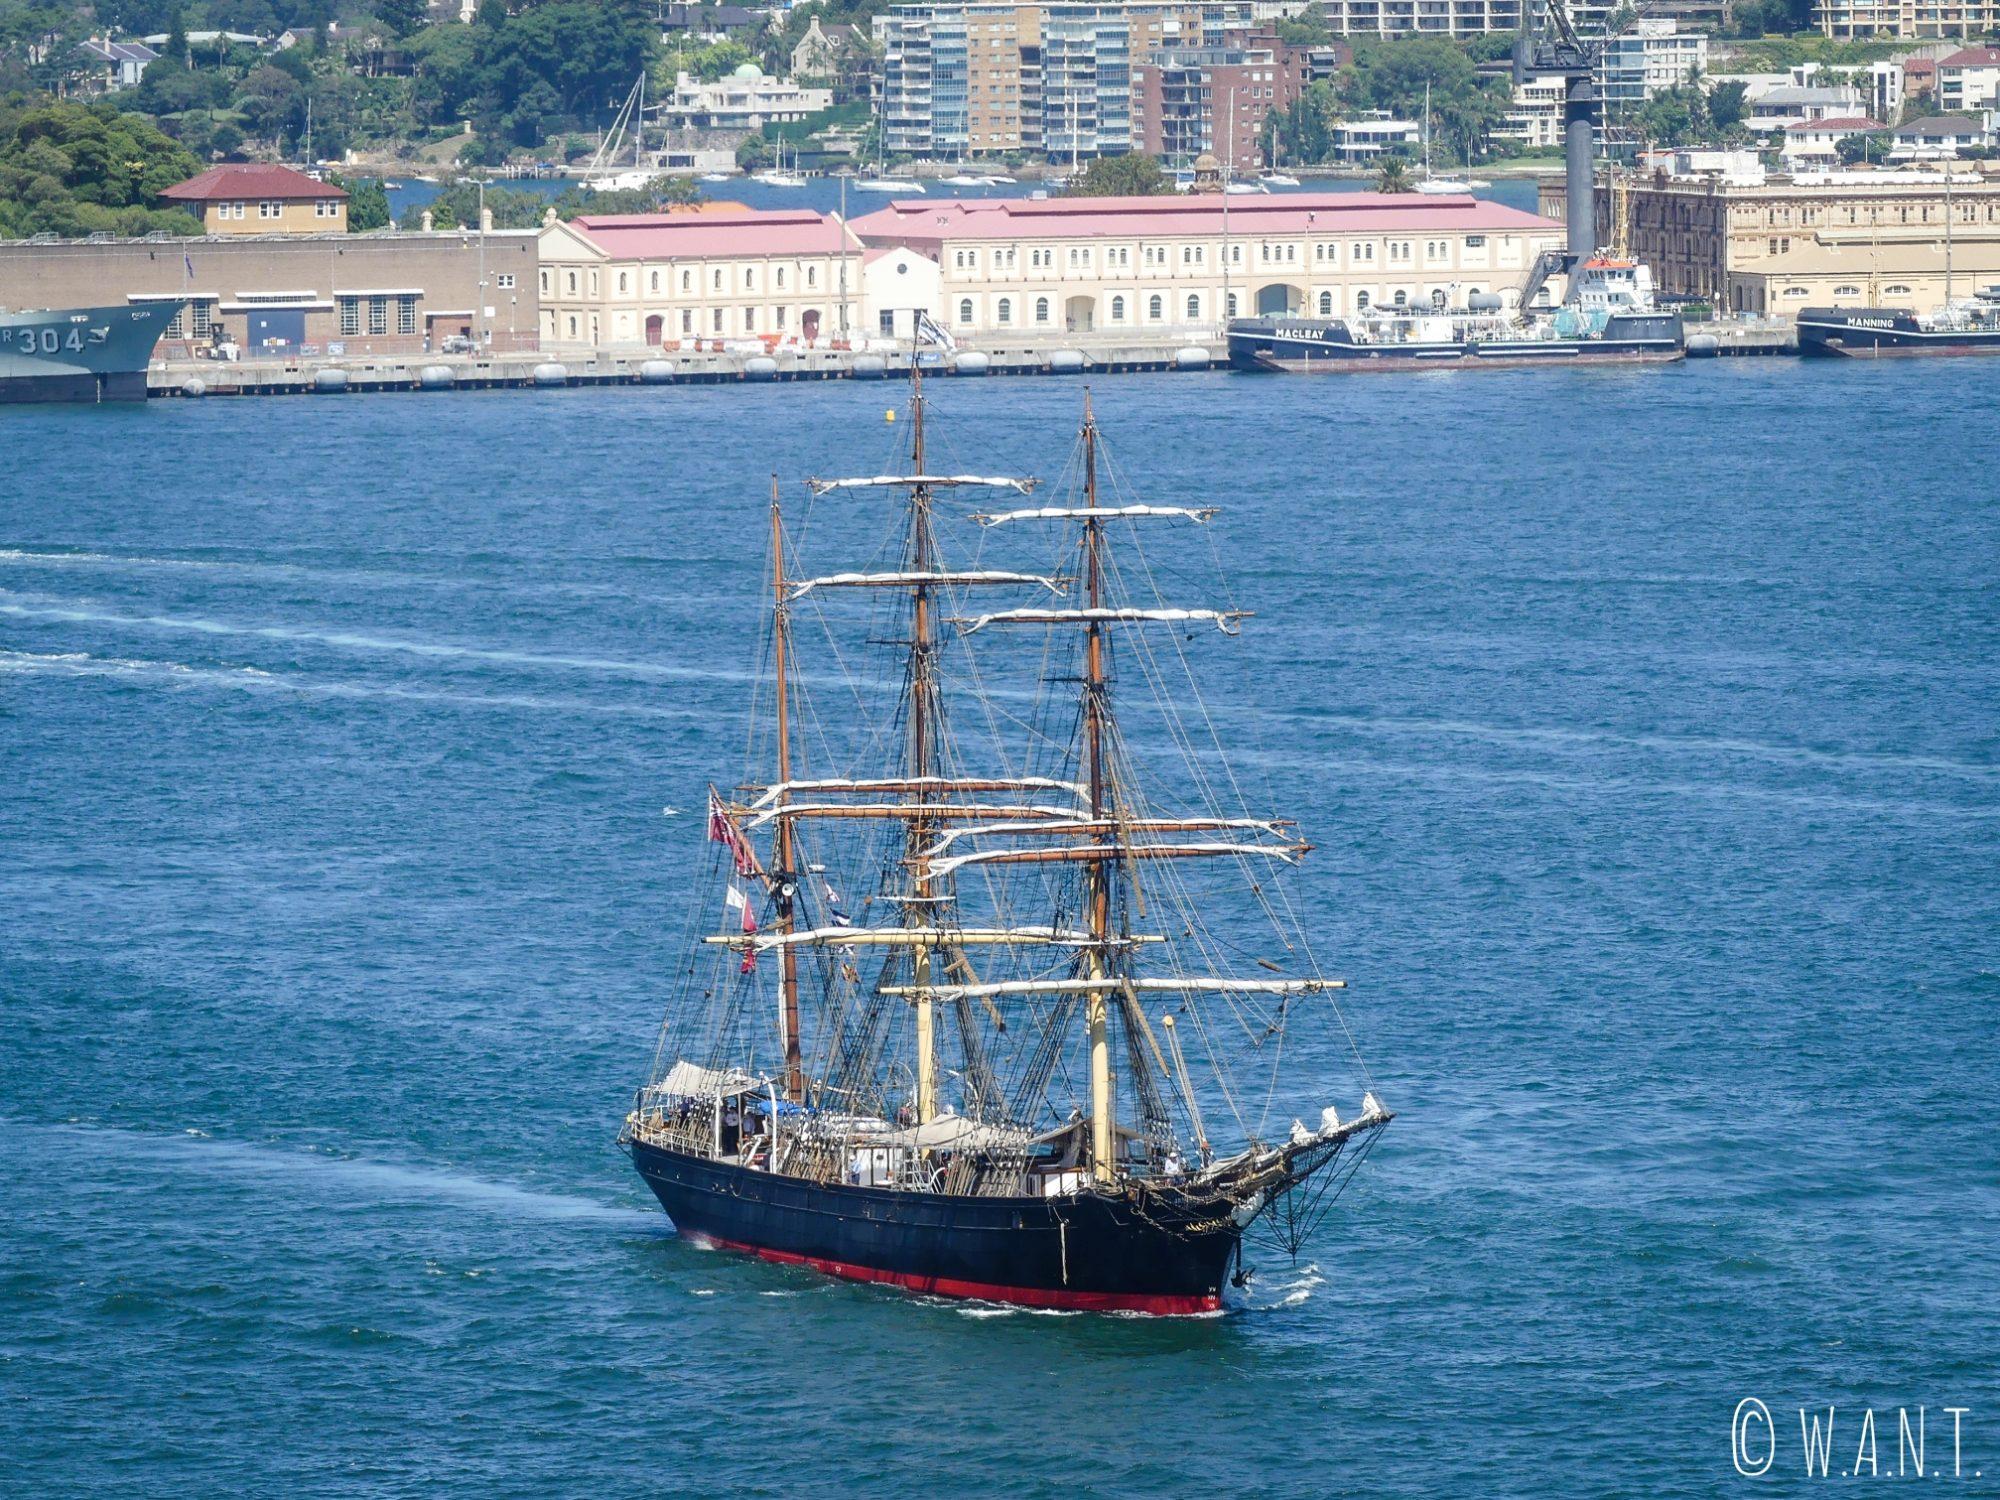 Voilier observé dans la baie de Sydney depuis Harbour Bridge